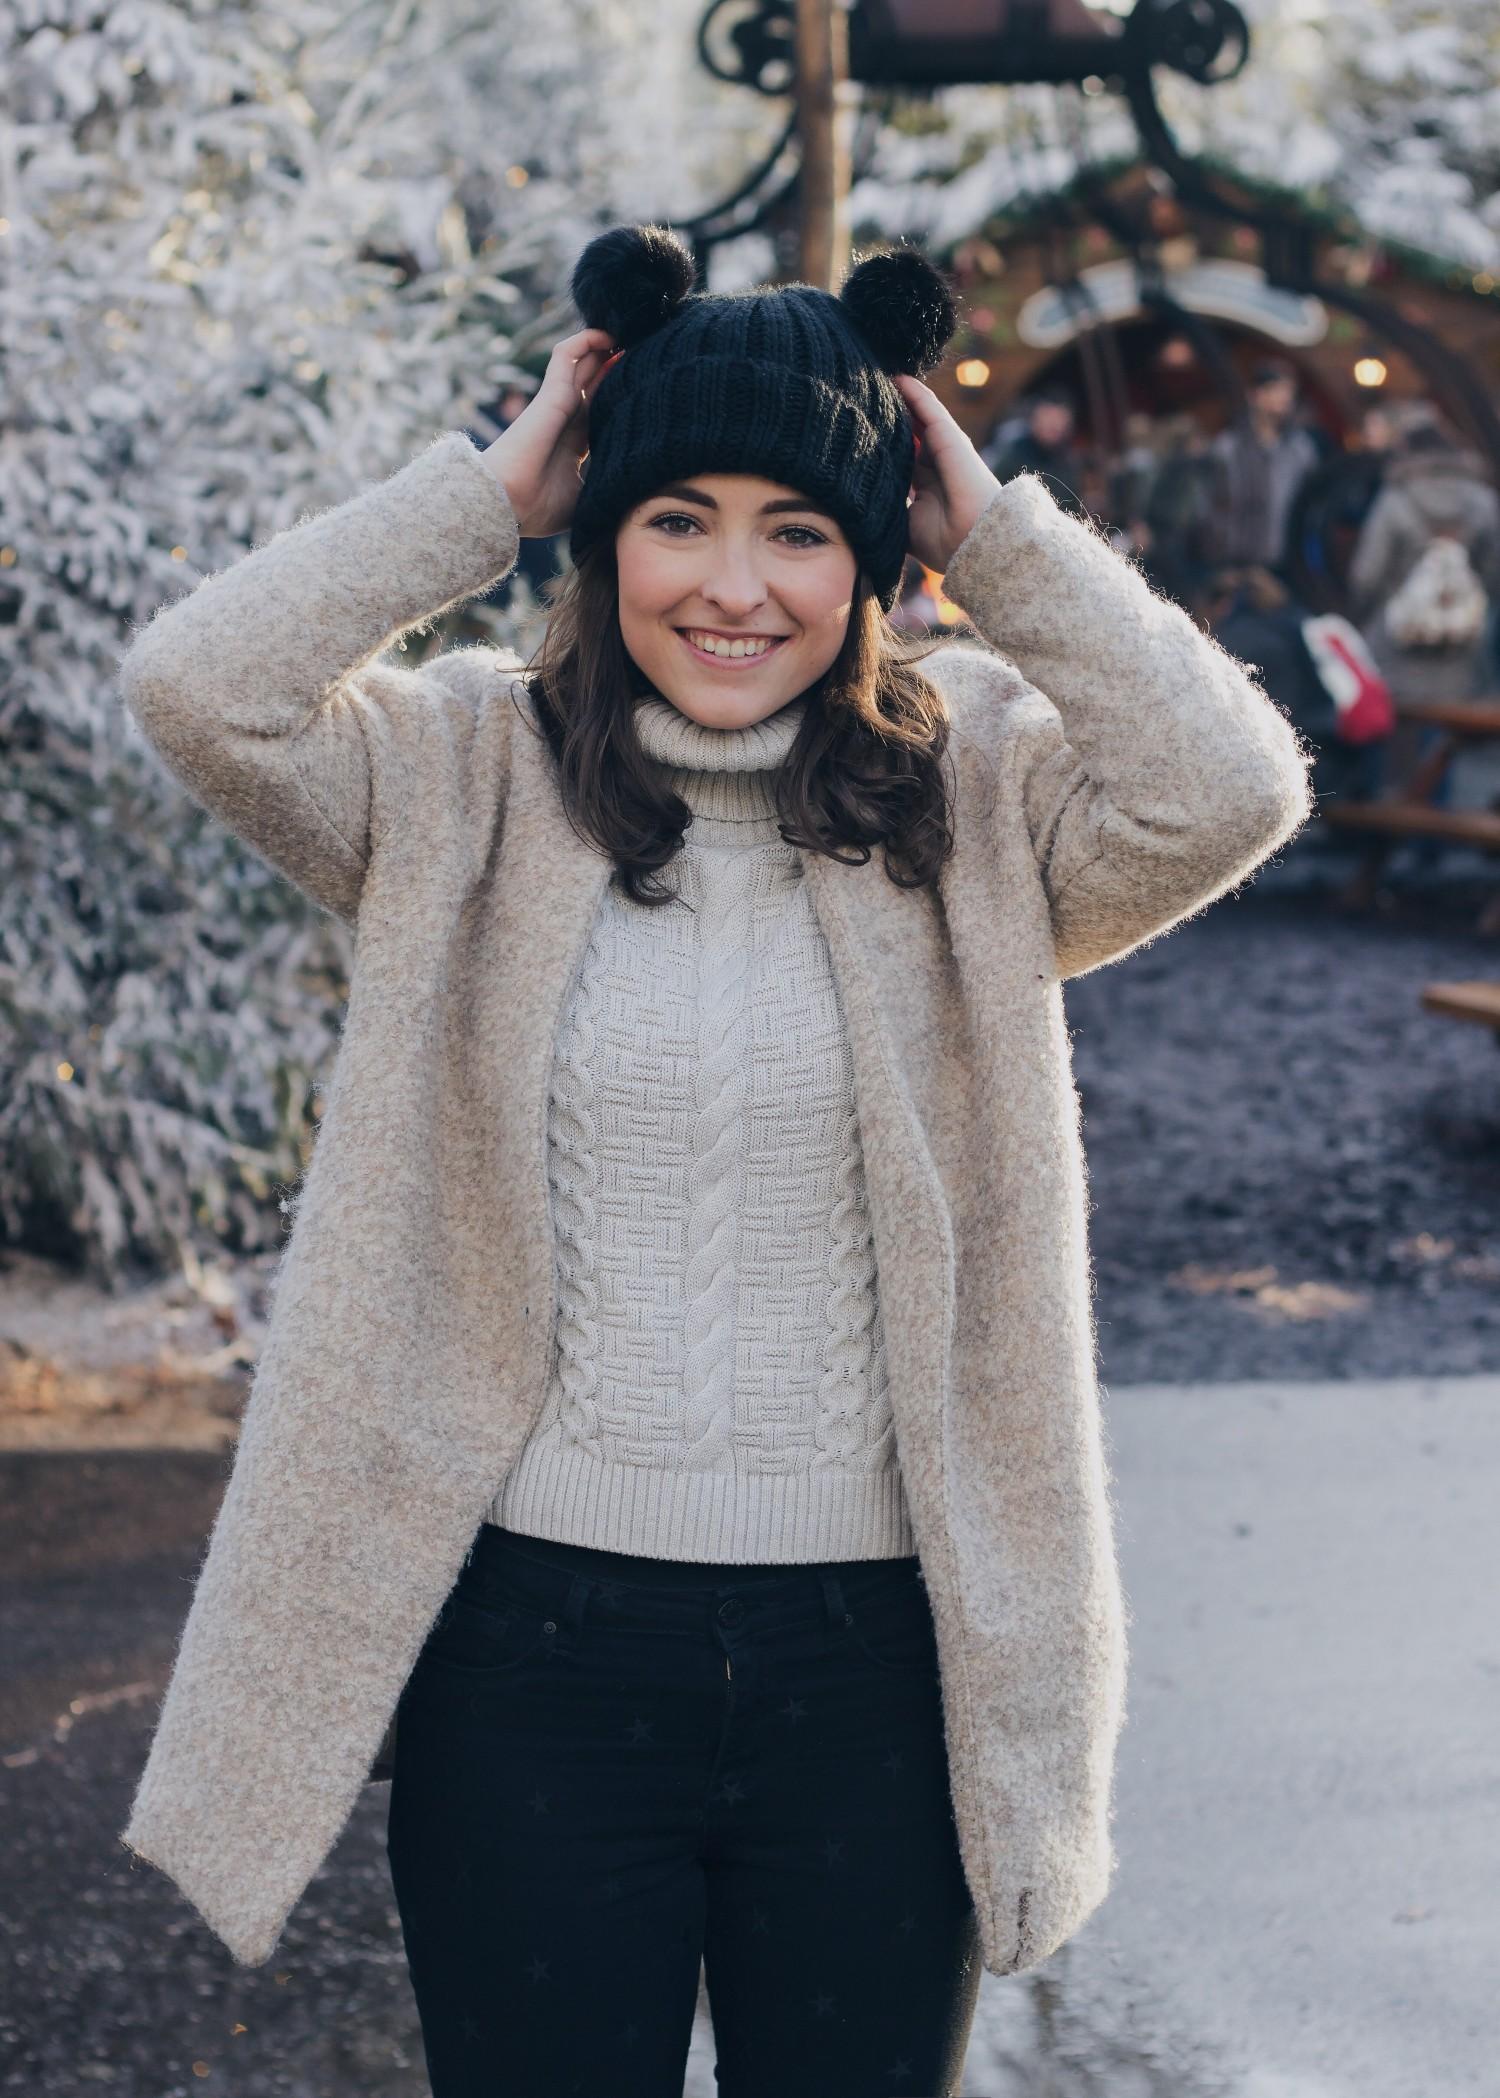 Mijn 3 favoriete winterse outfits van vorig jaar